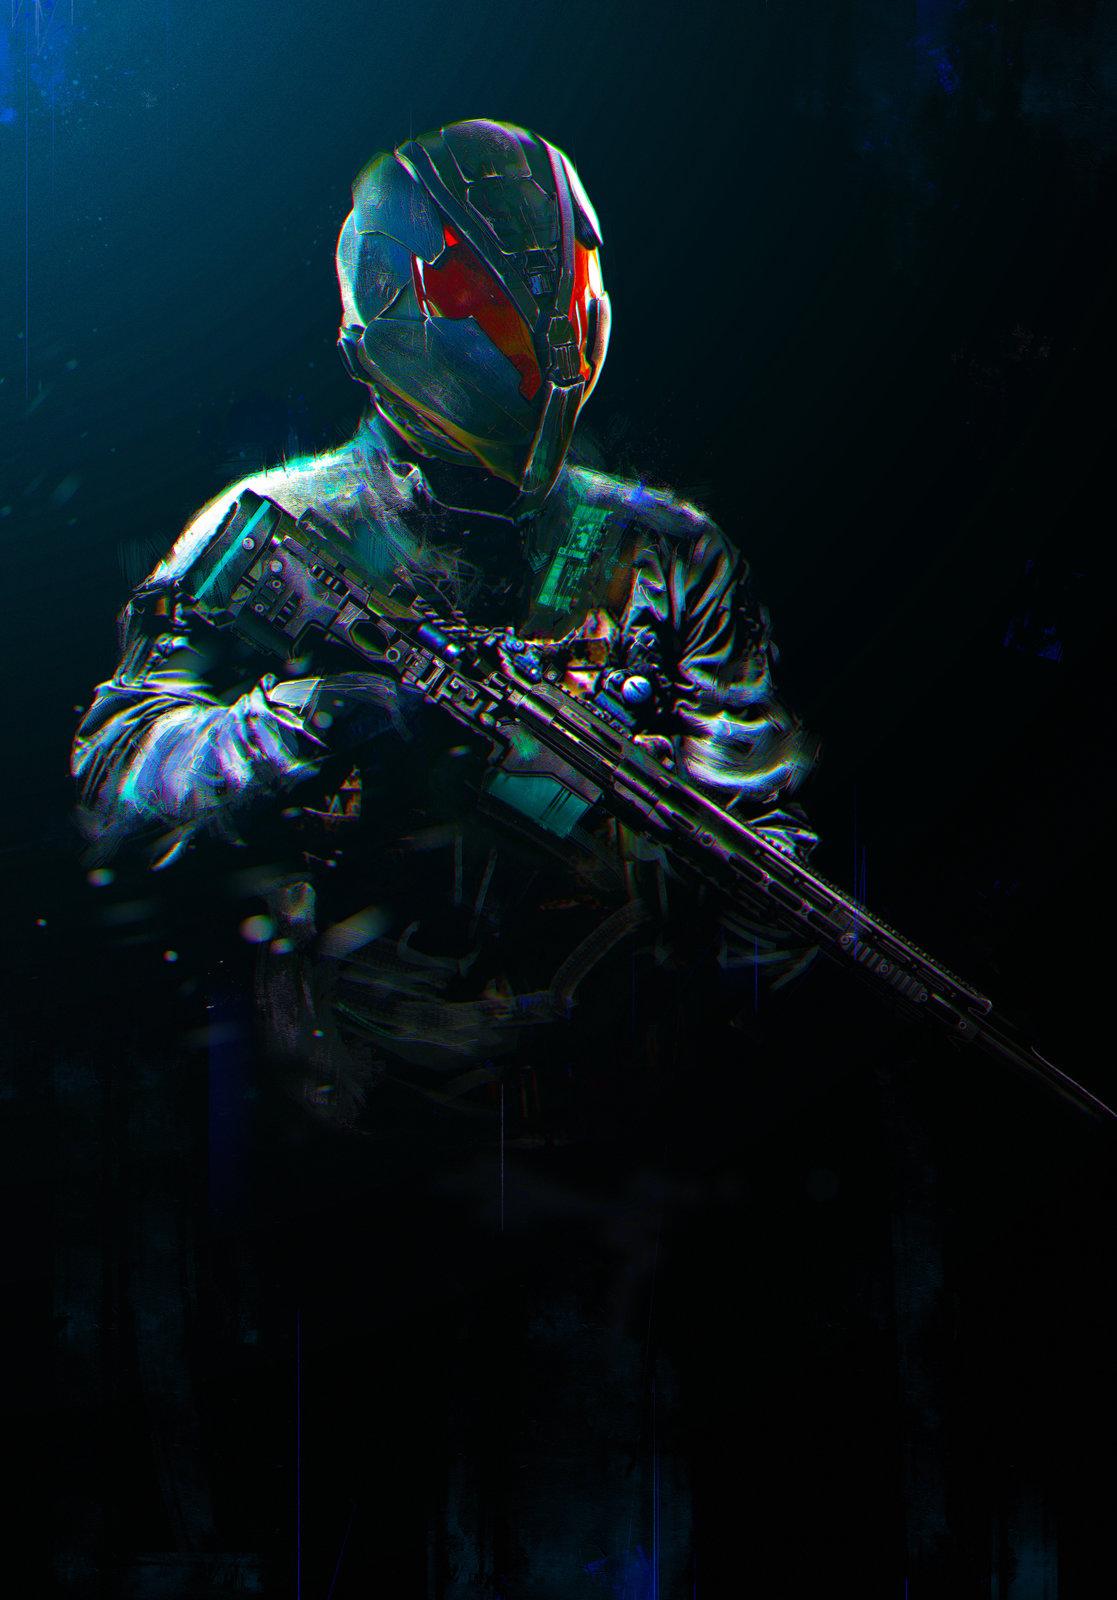 Sniper2